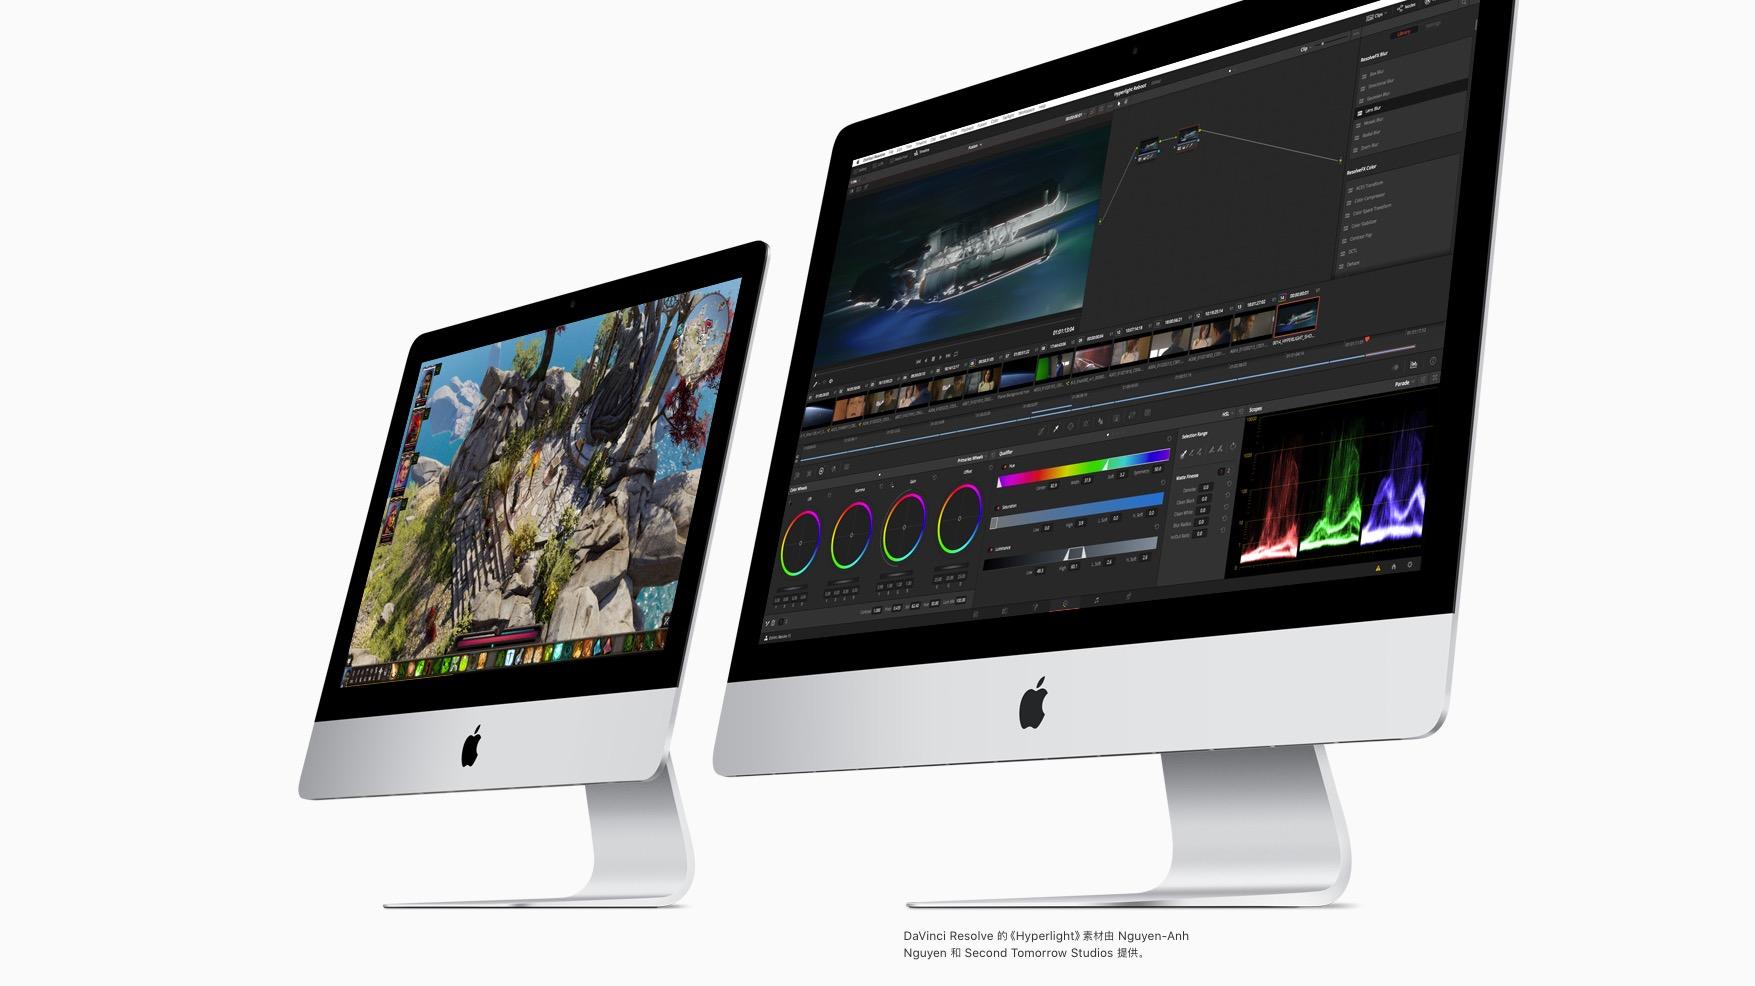 新款iMac发布 – 两倍性能提升,可选配Vega显卡的照片 - 4